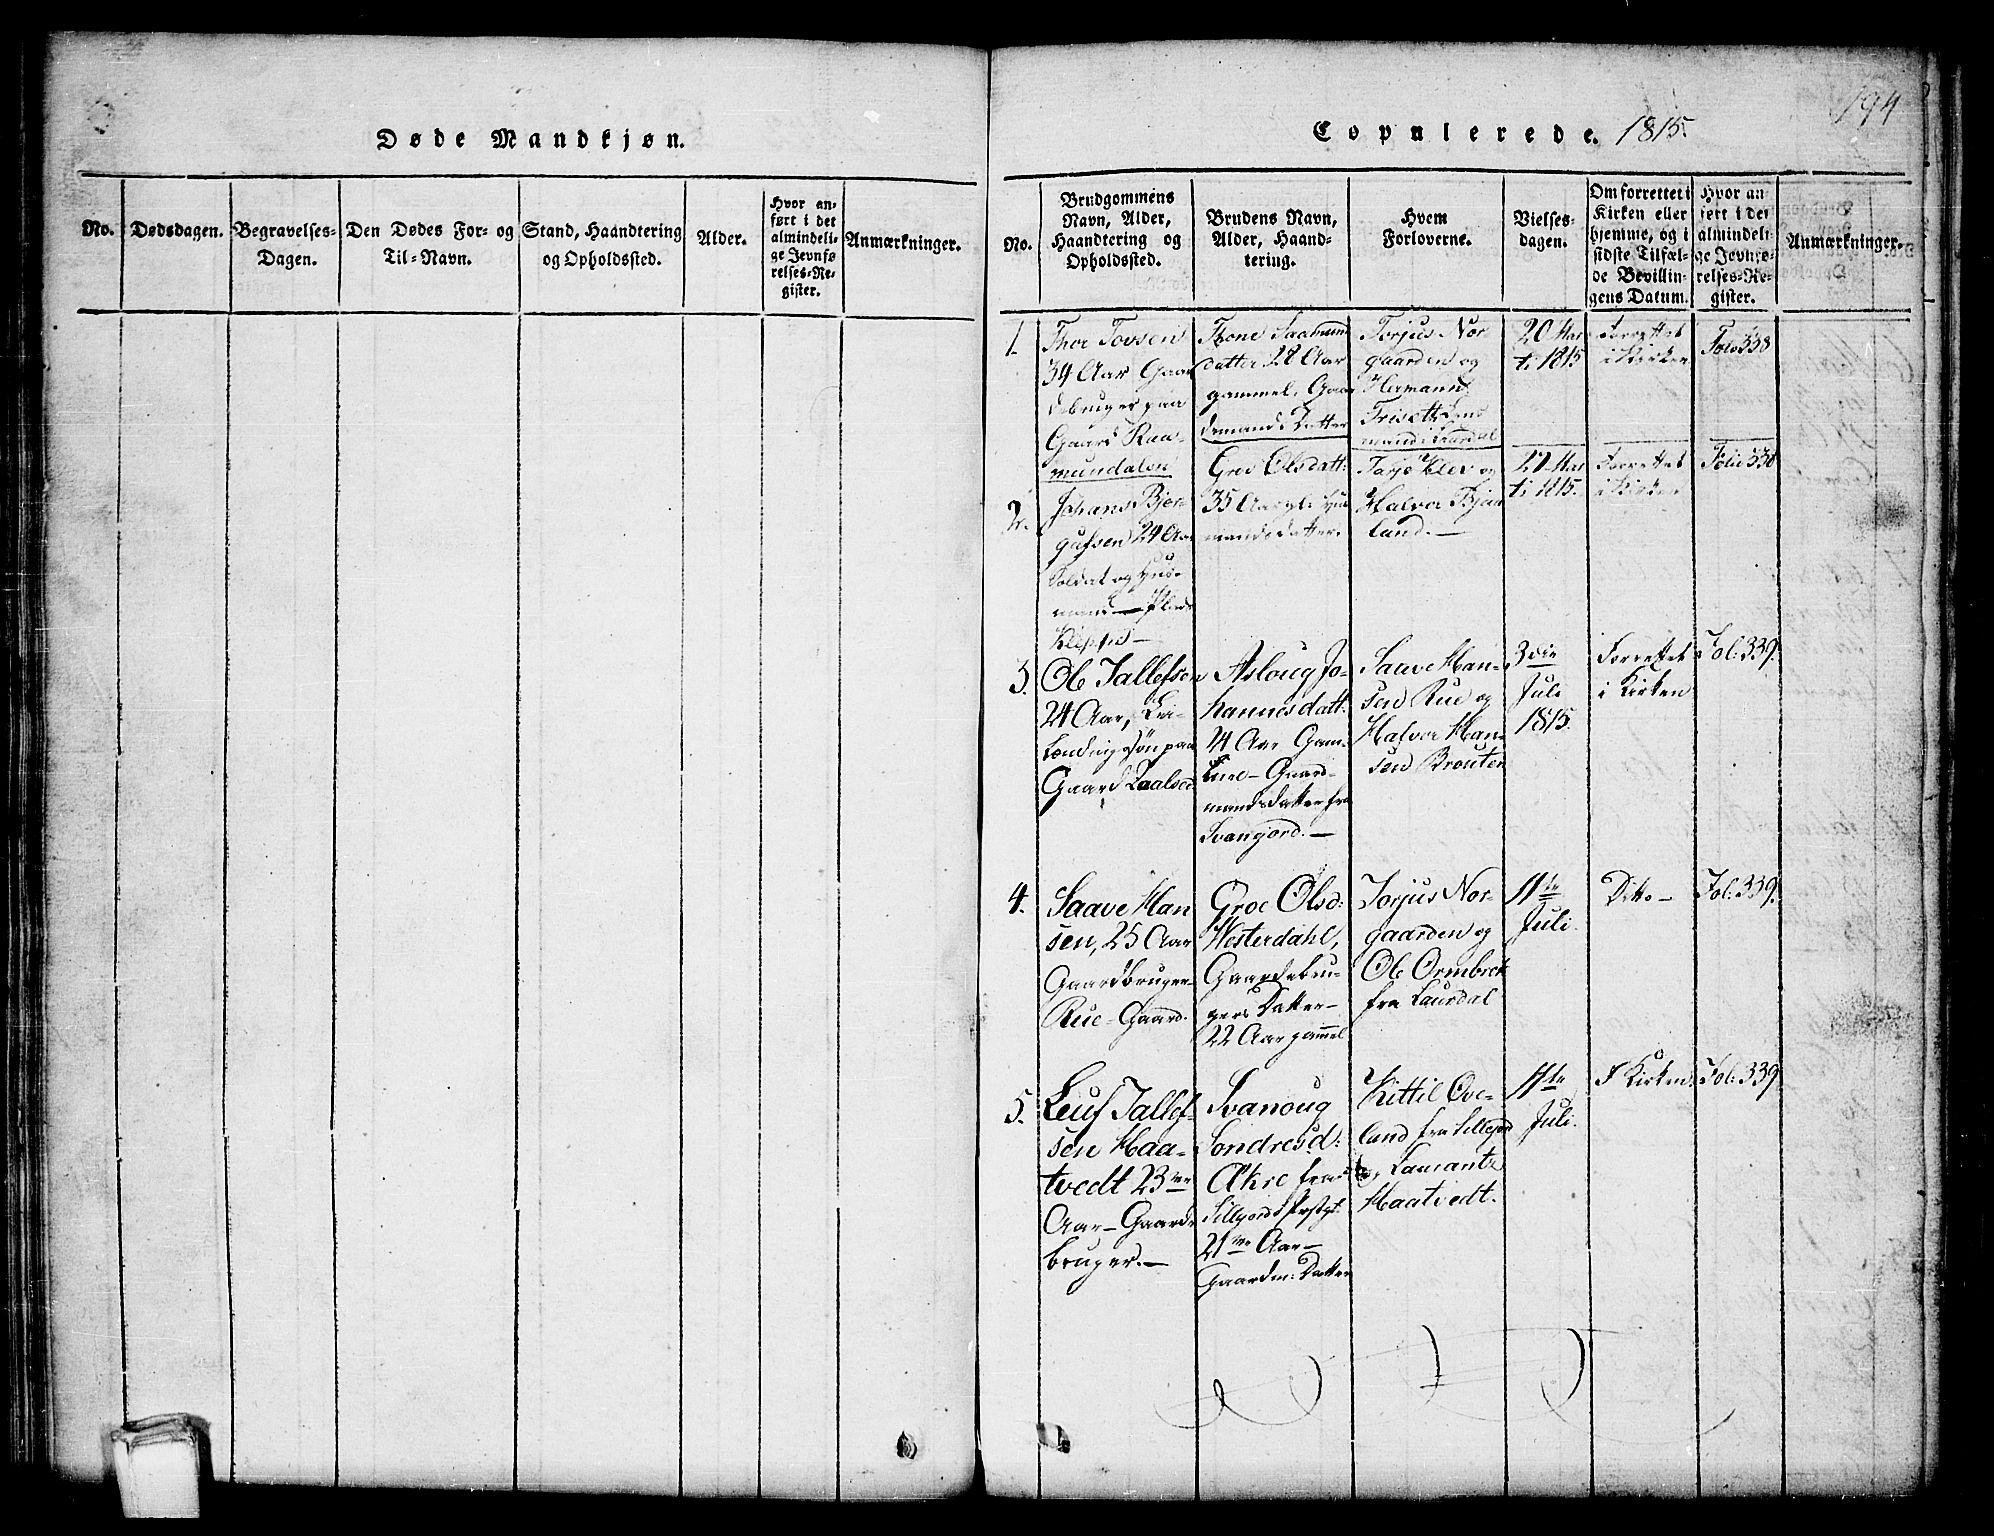 SAKO, Kviteseid kirkebøker, G/Gb/L0001: Klokkerbok nr. II 1, 1815-1842, s. 194